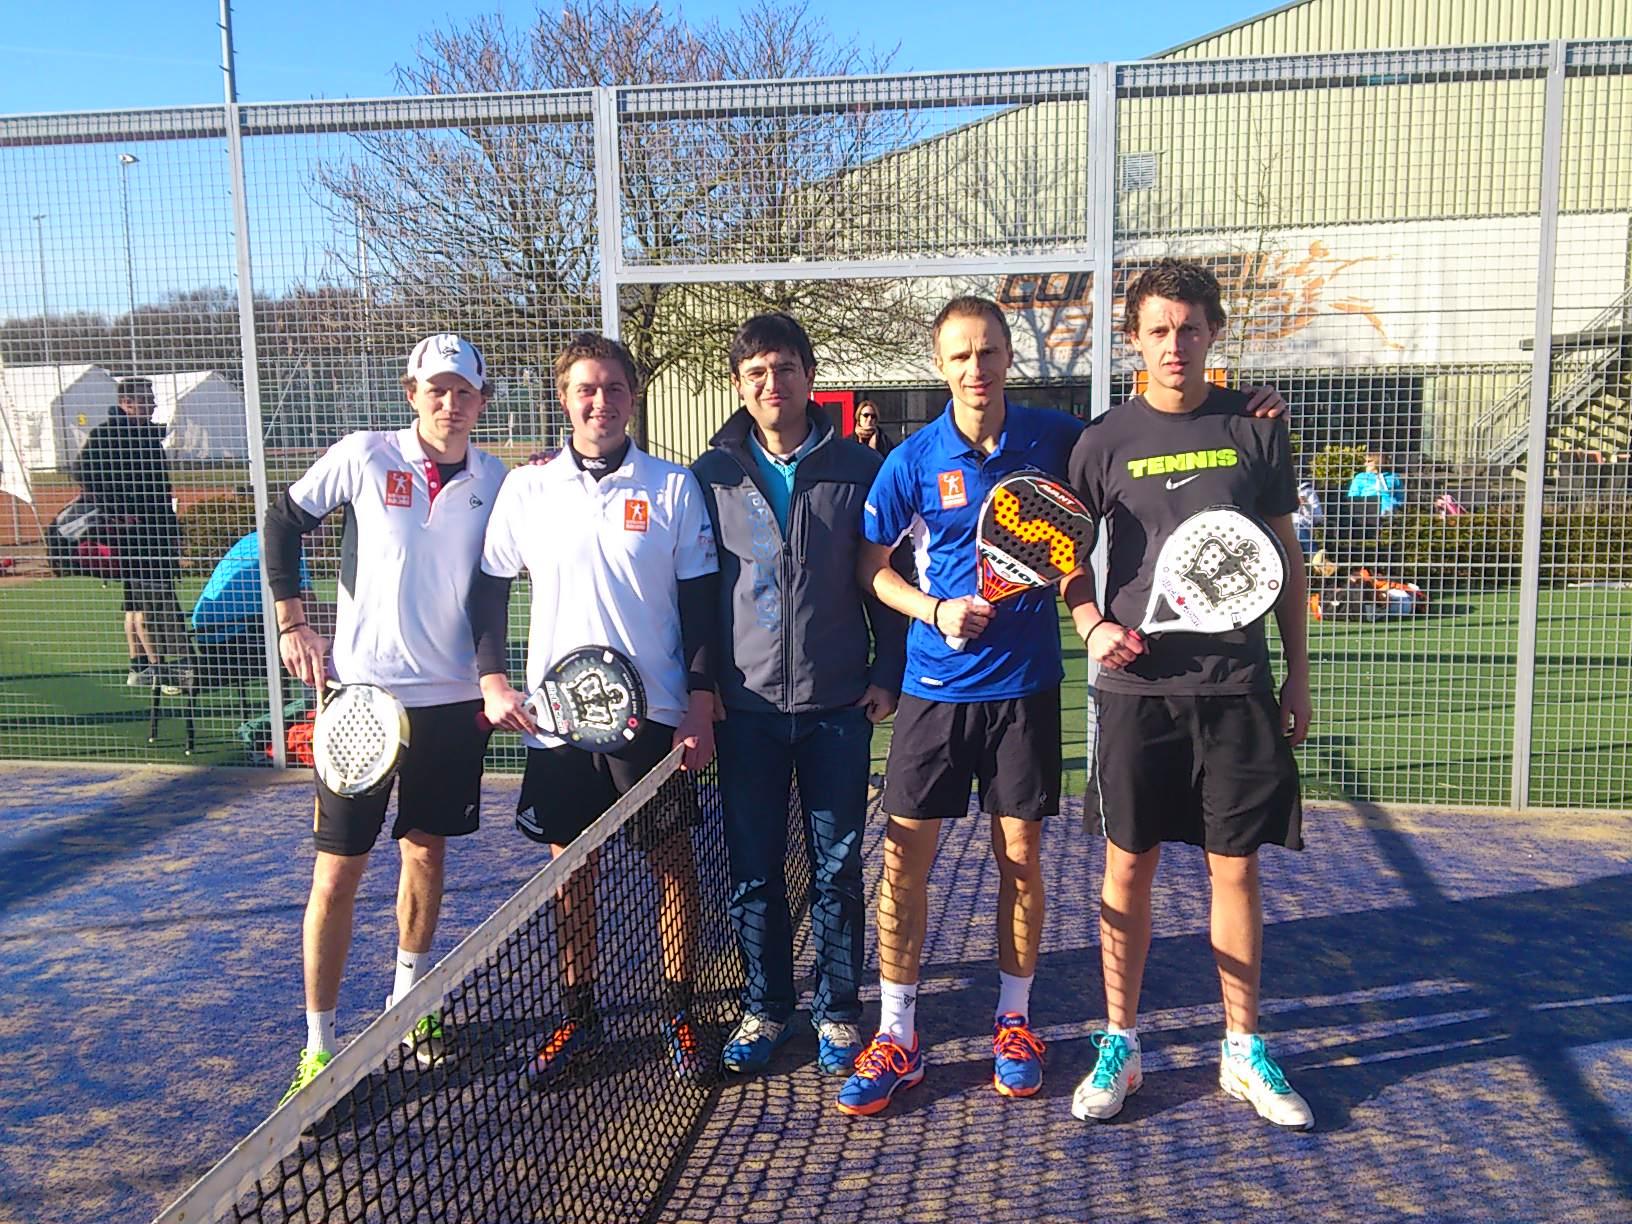 Bogaart-Meijer and Eijk-Schuurman Champions at Huizen Padel Open